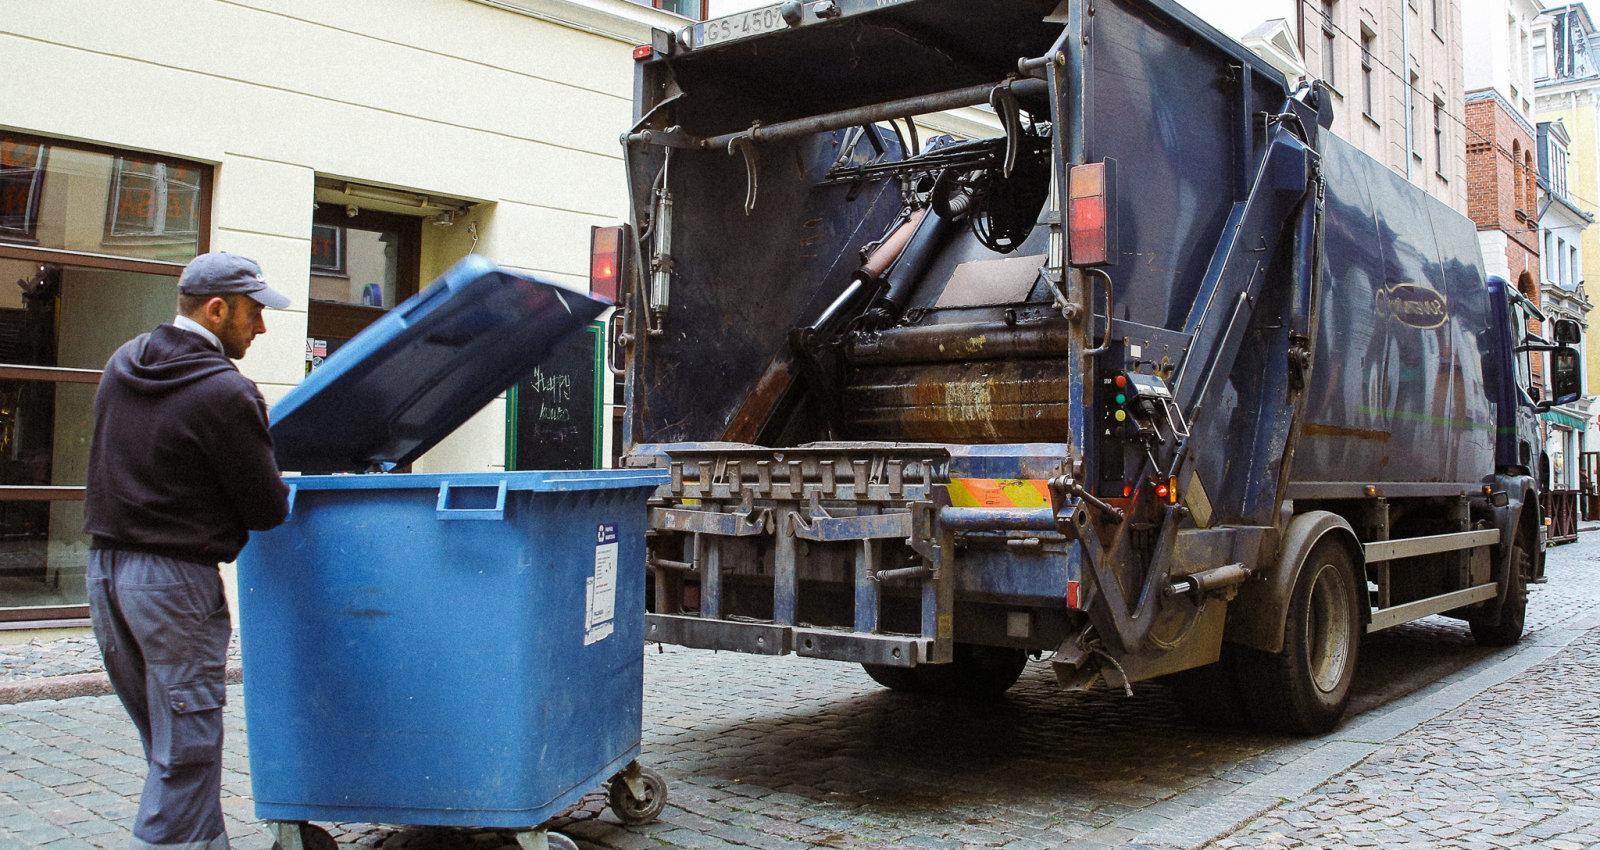 Vai, šķirojot atkritumus, iespējams atteikties no maksas konteinera